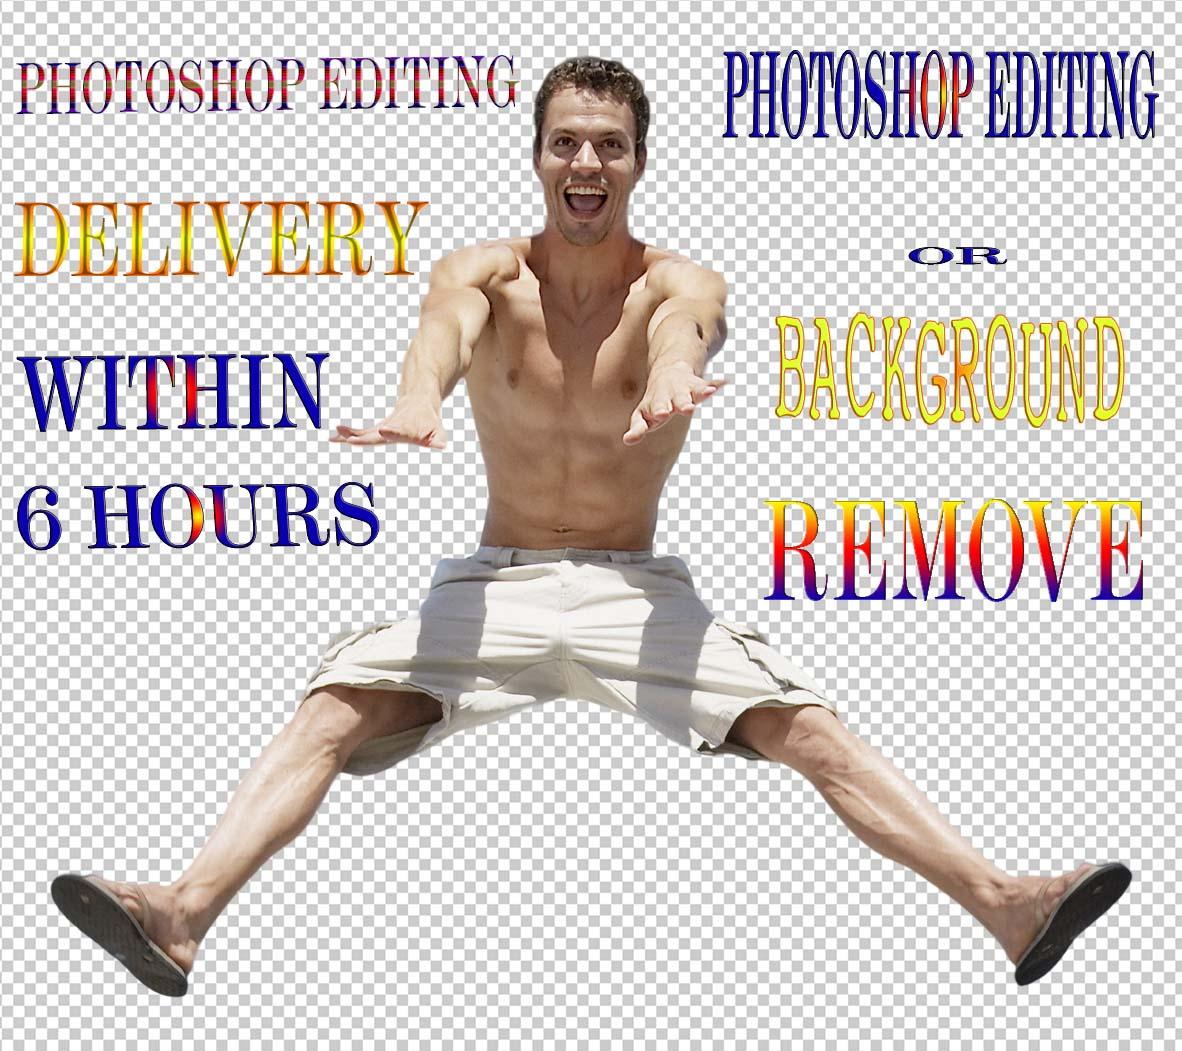 Remove White Background, Edit Photoshop Image